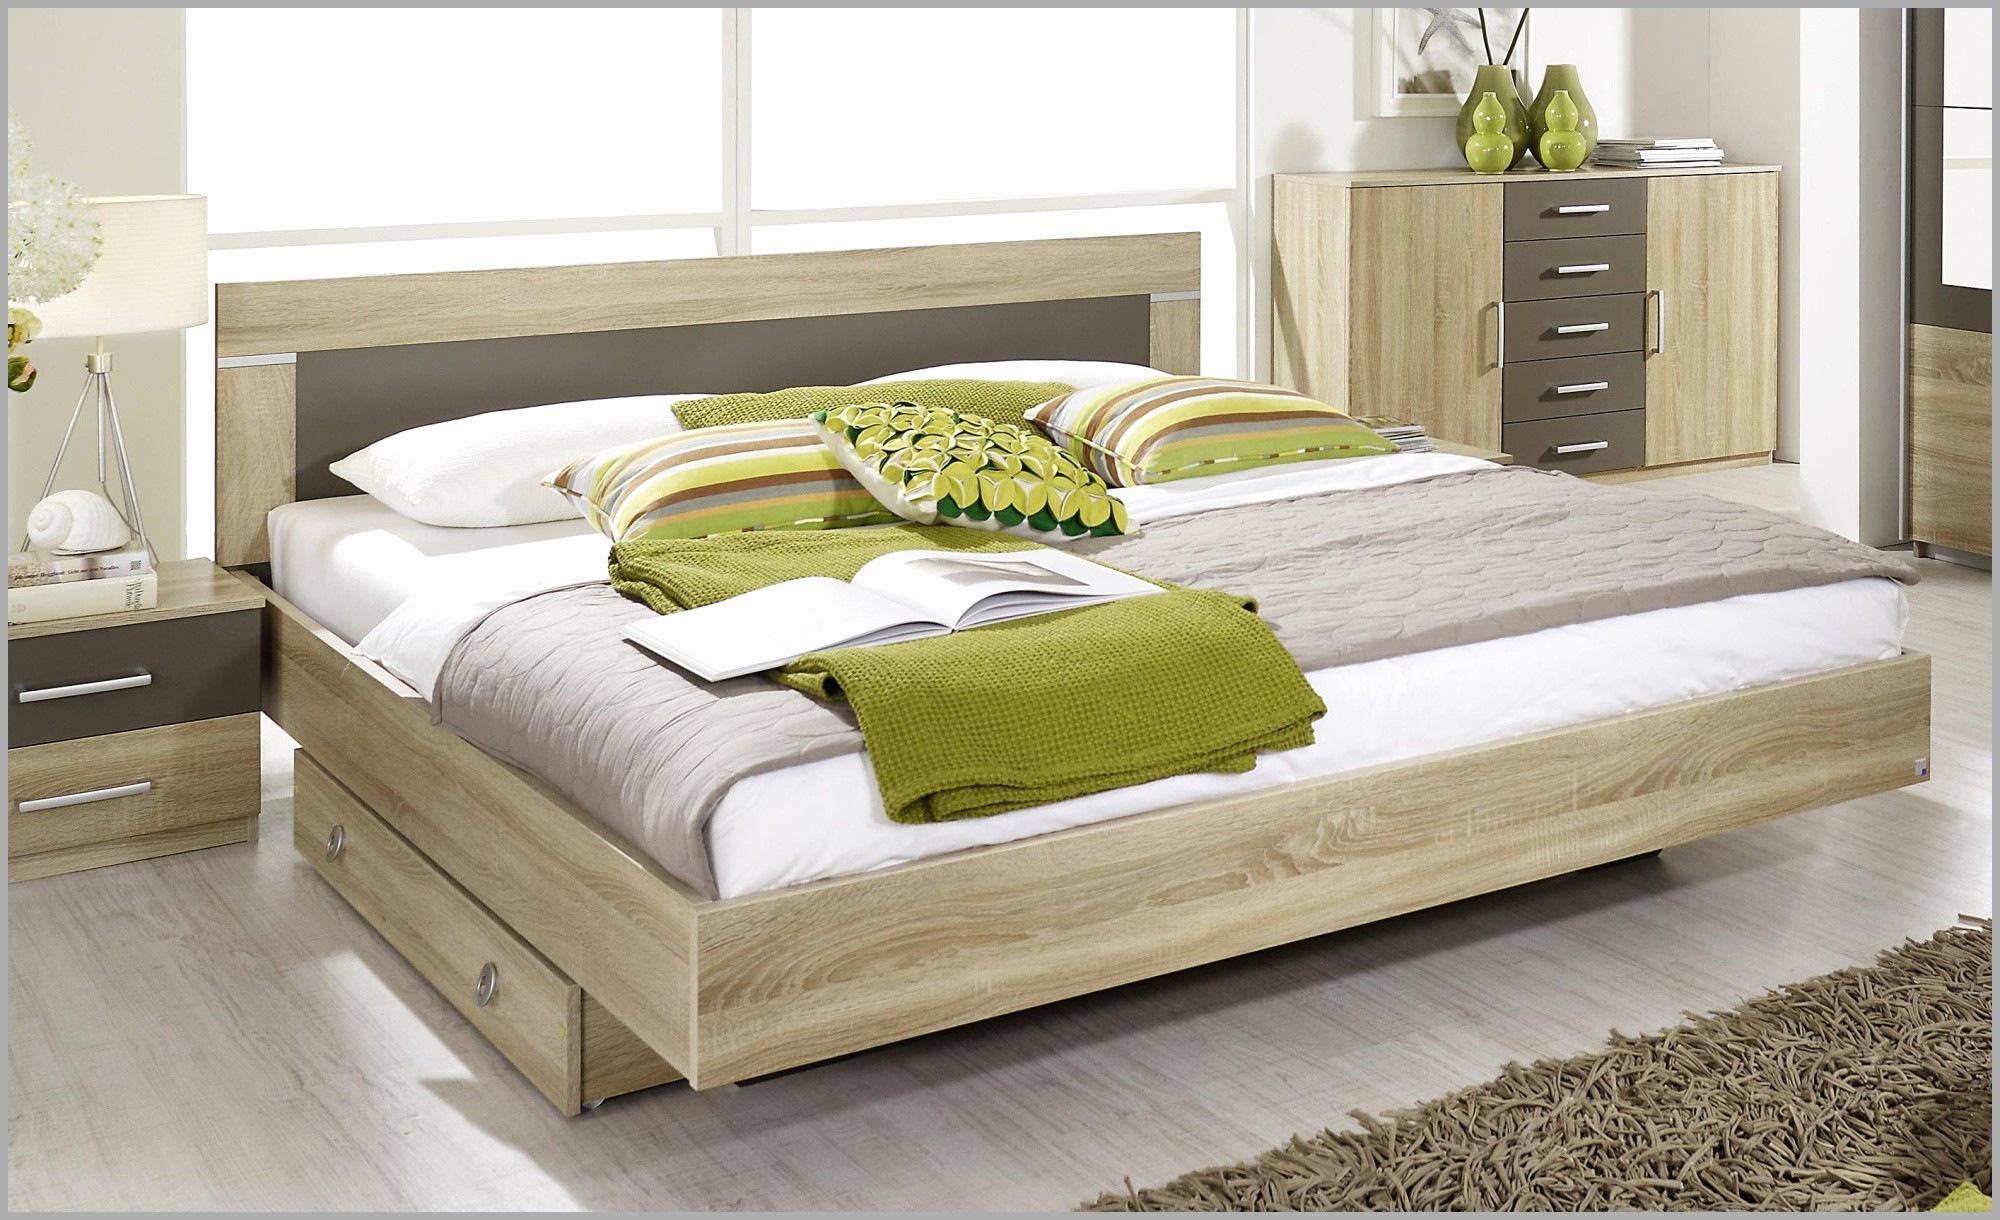 Cheval En Bois Ikea Inspirant Image Tete De Lit Avec Rangement 160 Unique Lit Rangement 0d